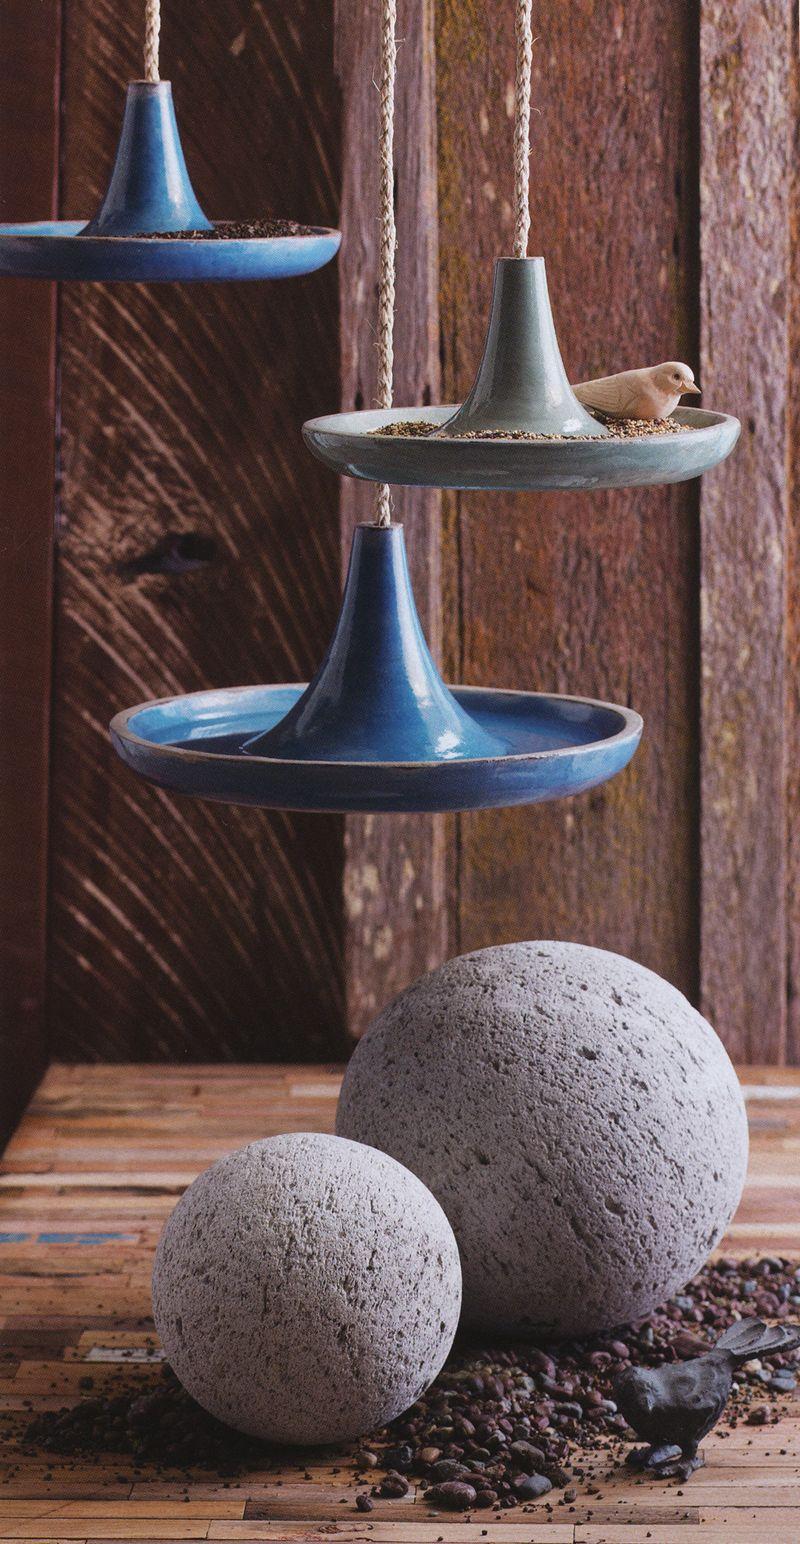 Cote Dazur Hanging Bird Bath Hanging Bird Bath Modern Bird